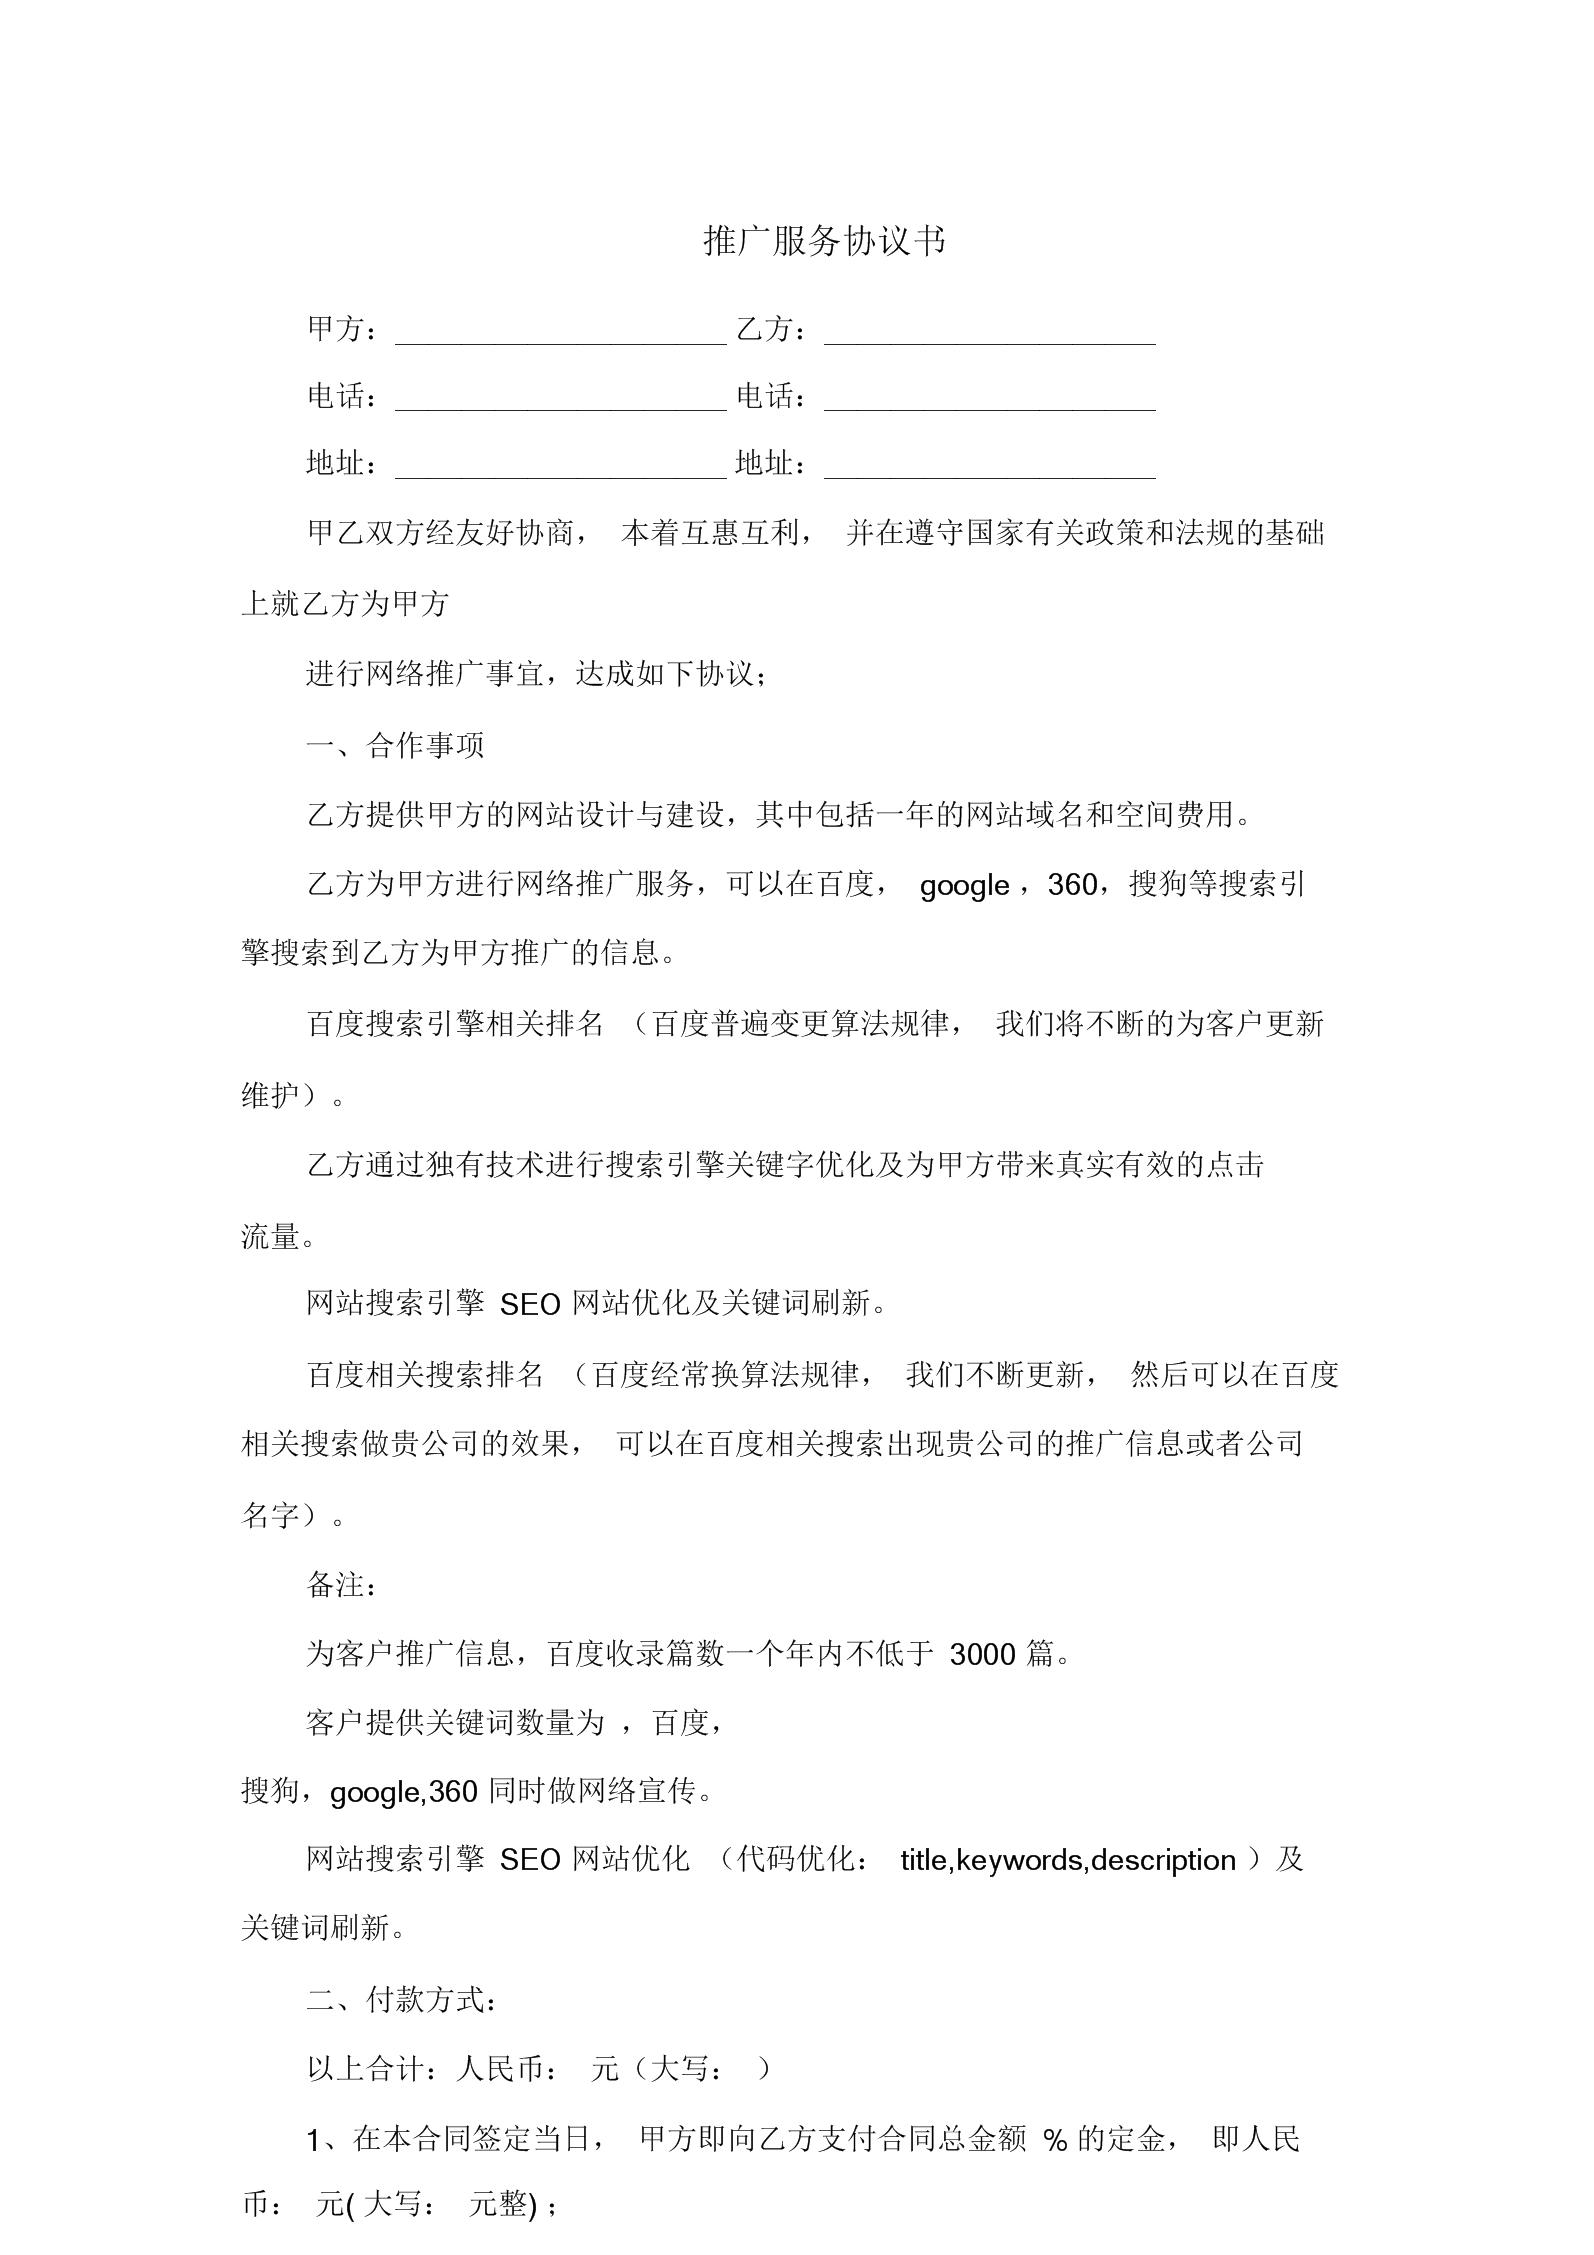 网络推广合同模板书.doc